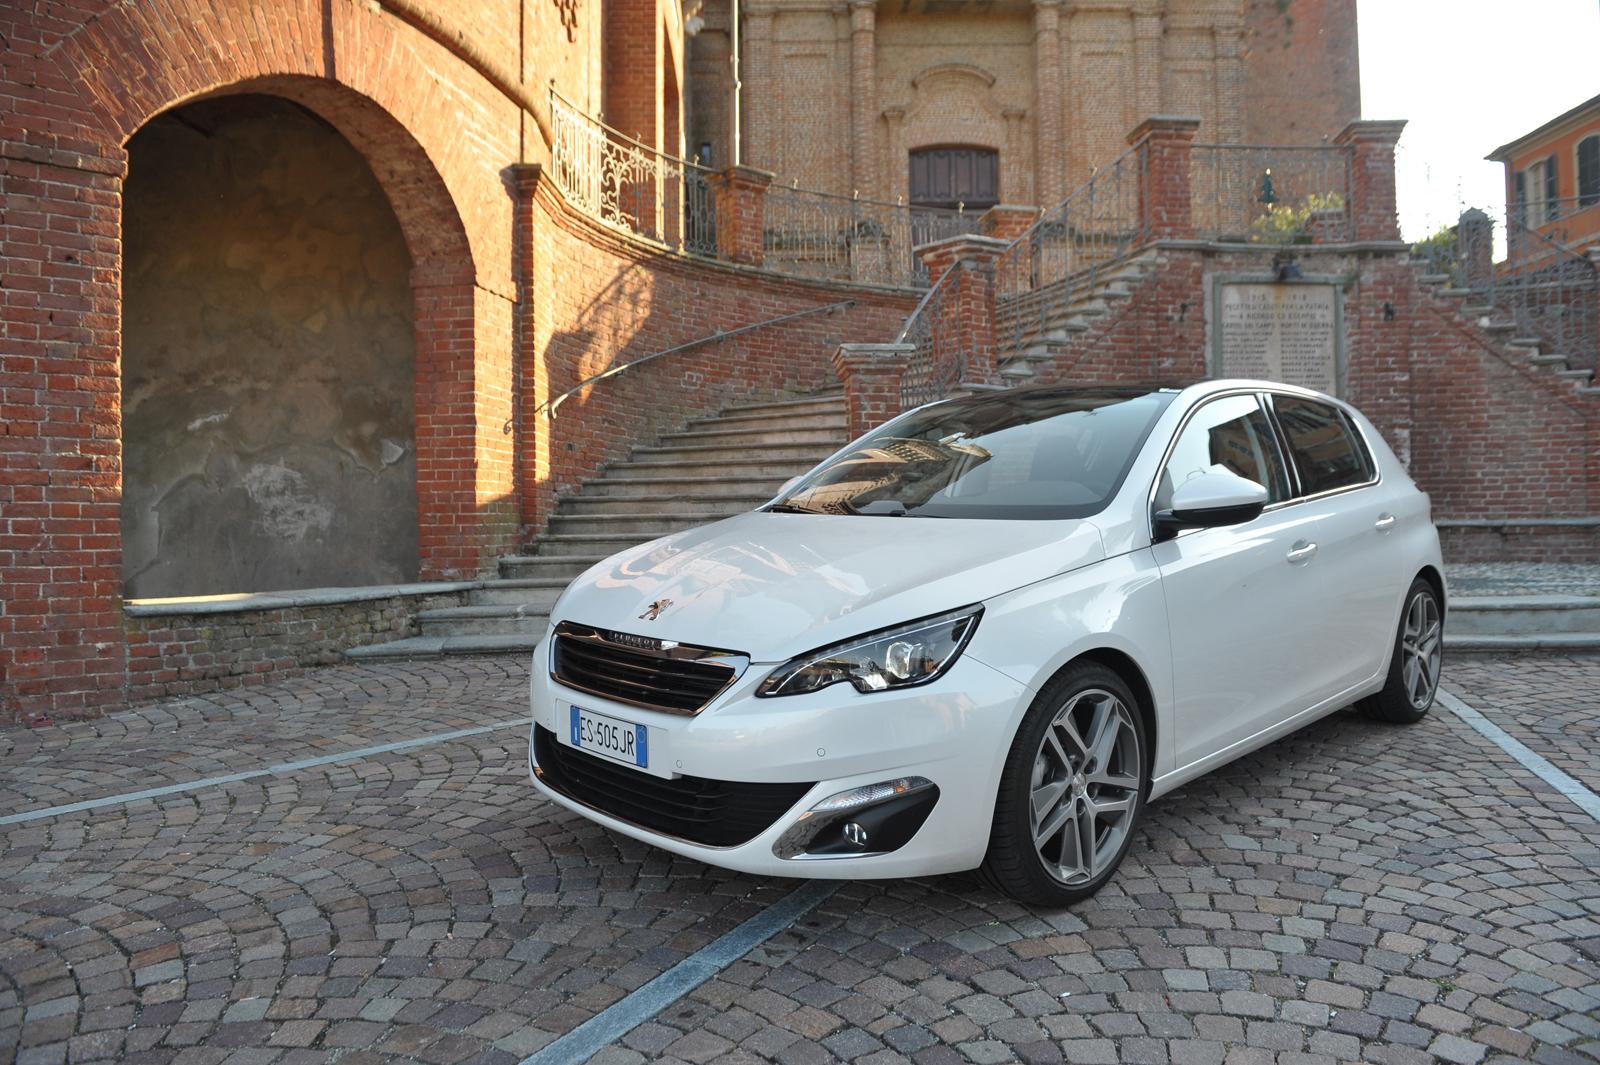 Nuova Peugeot 308 Il Dossier